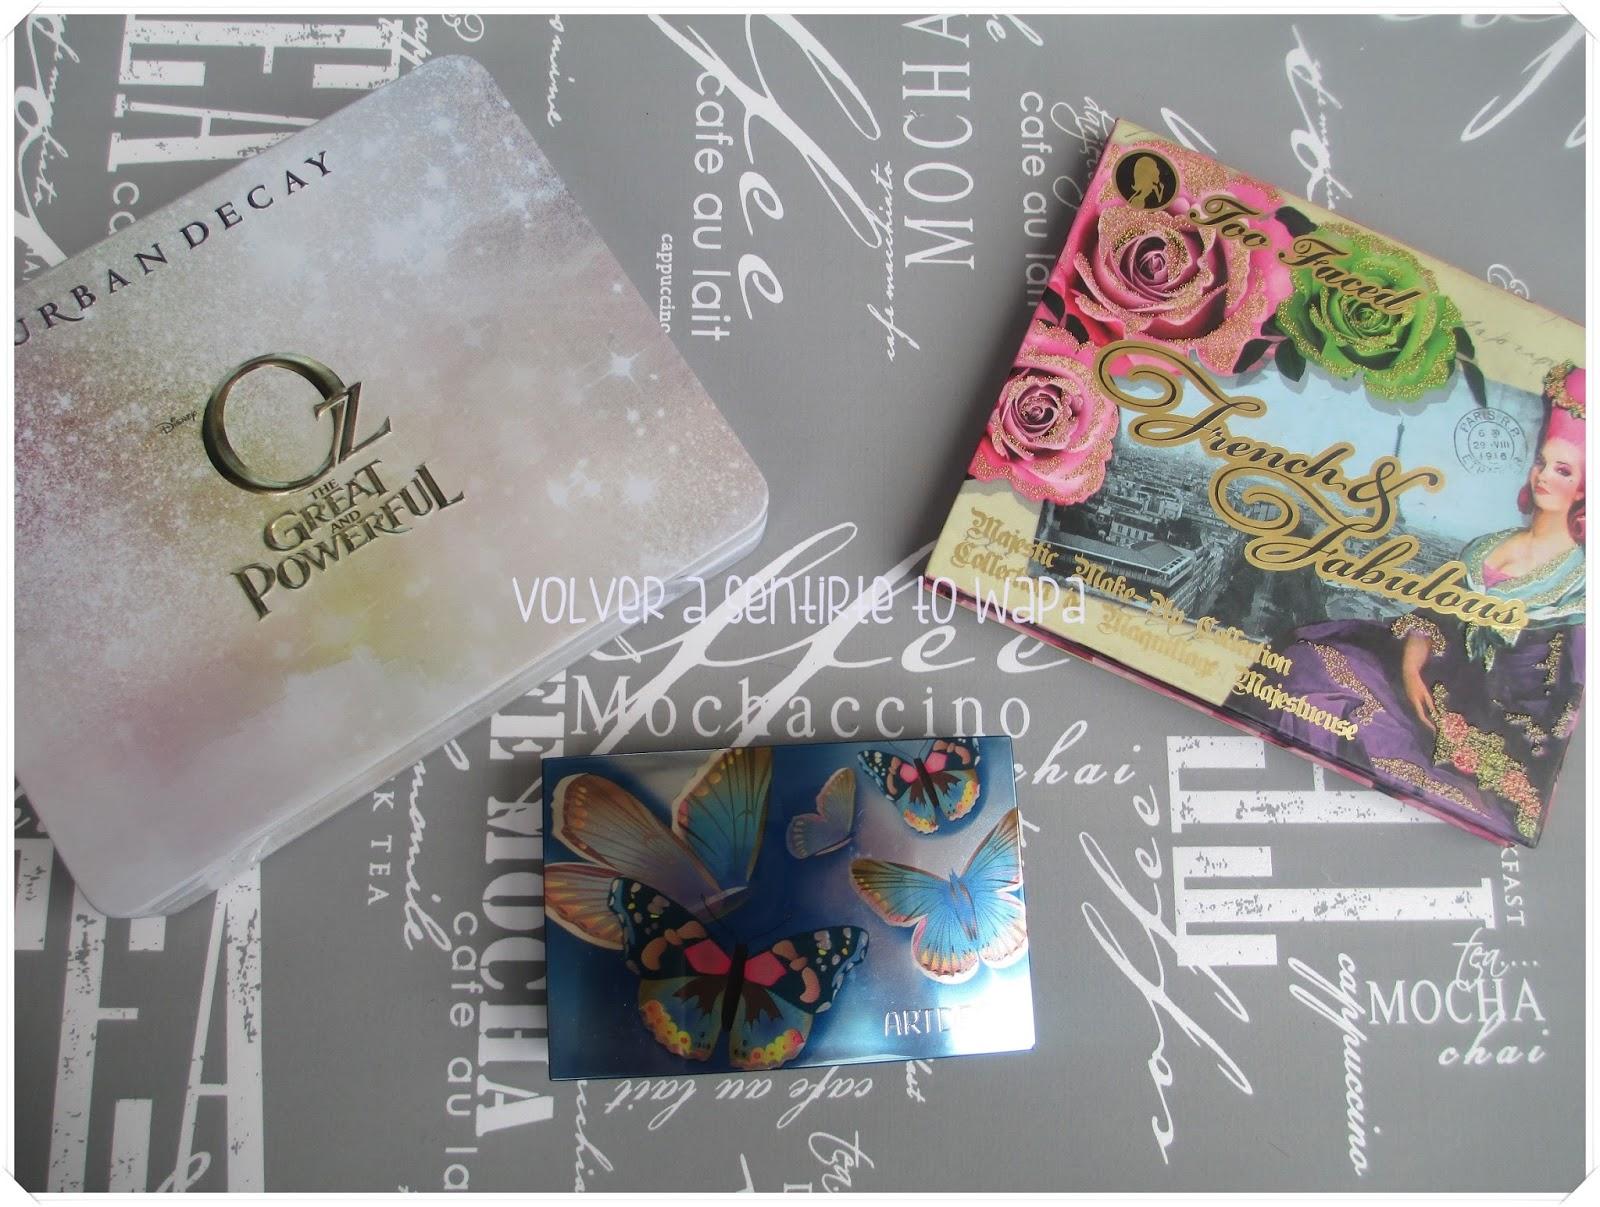 #retobestpackagins - los productos más bonitos - paletas de sombras